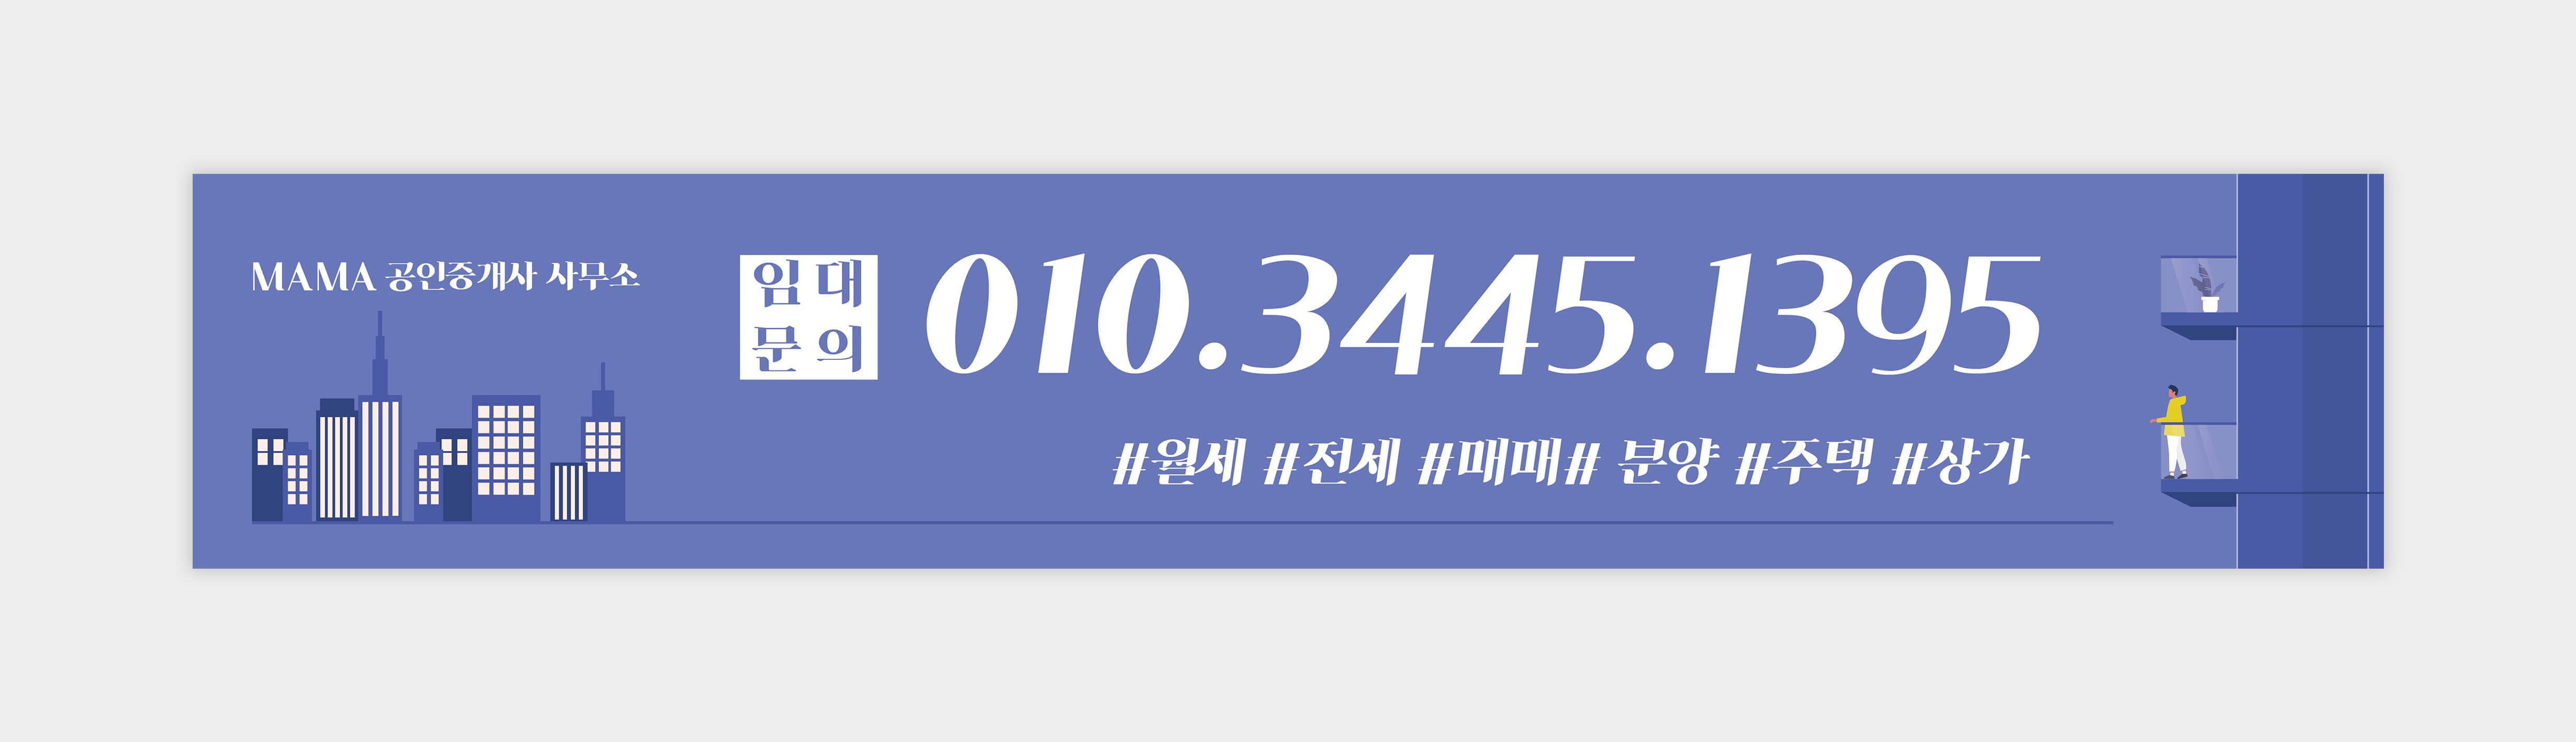 현수막_084